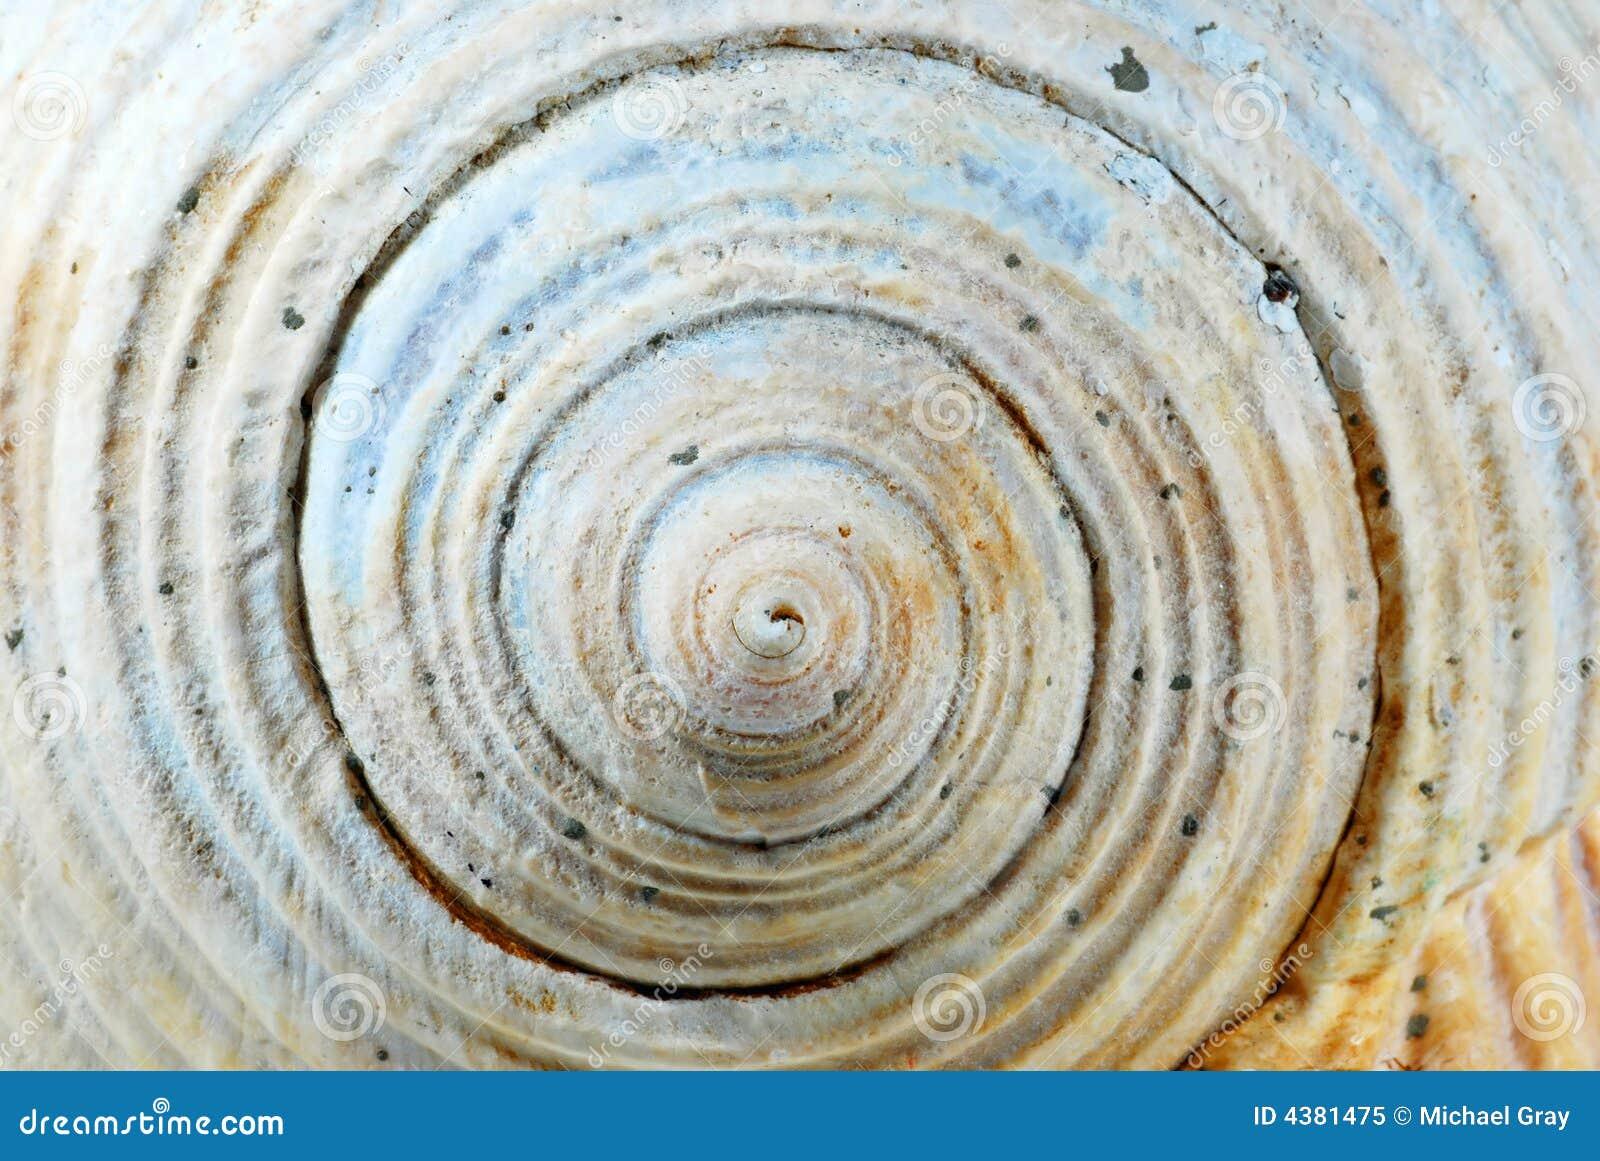 Sluit omhoog van overzeese shell